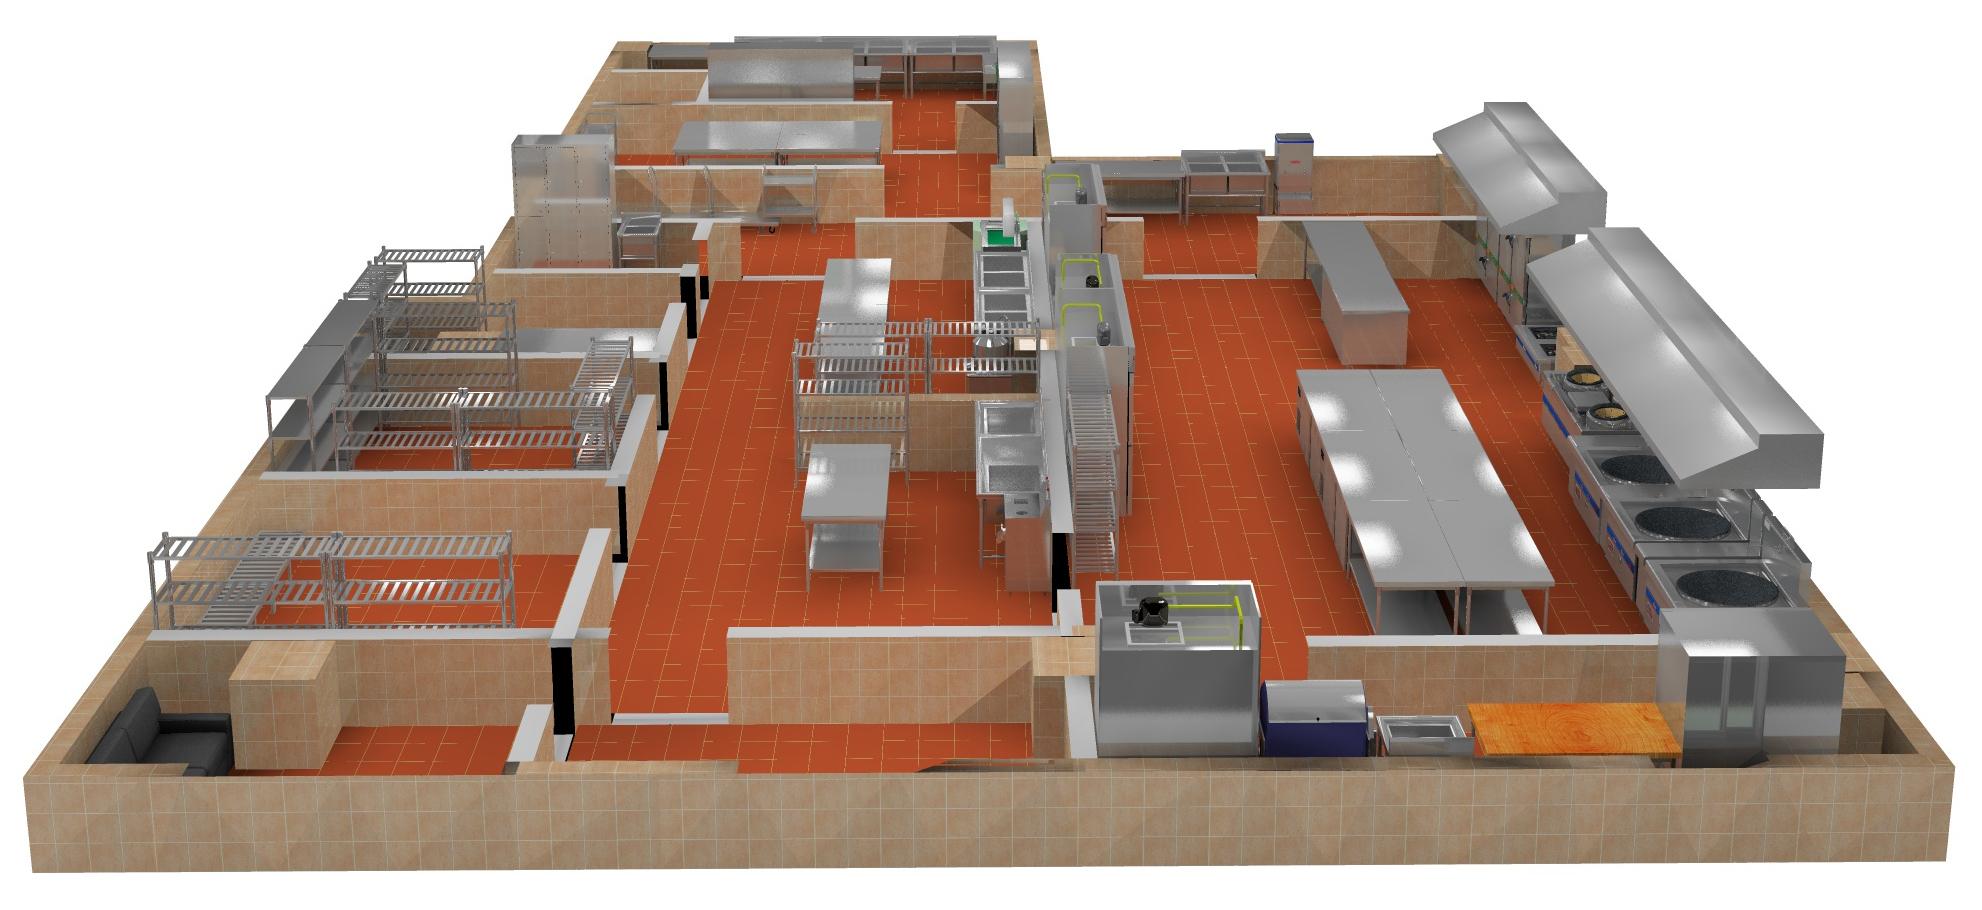 成都商用厨房设计那家好,看看设计方案就知道!